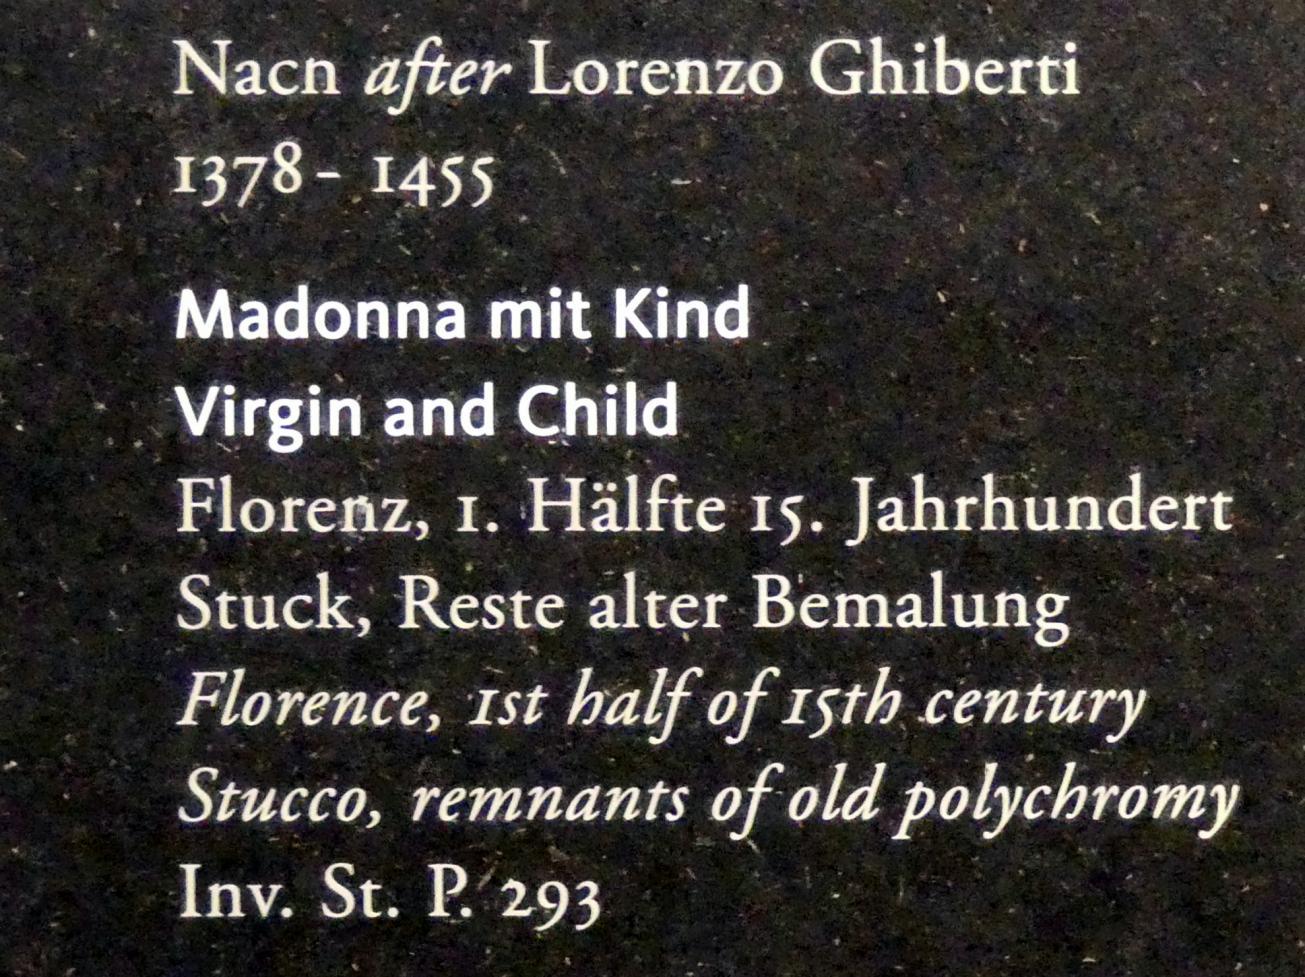 Lorenzo Ghiberti (Nachfolger): Madonna mit Kind, 1. Hälfte 14. Jhd., Bild 2/2